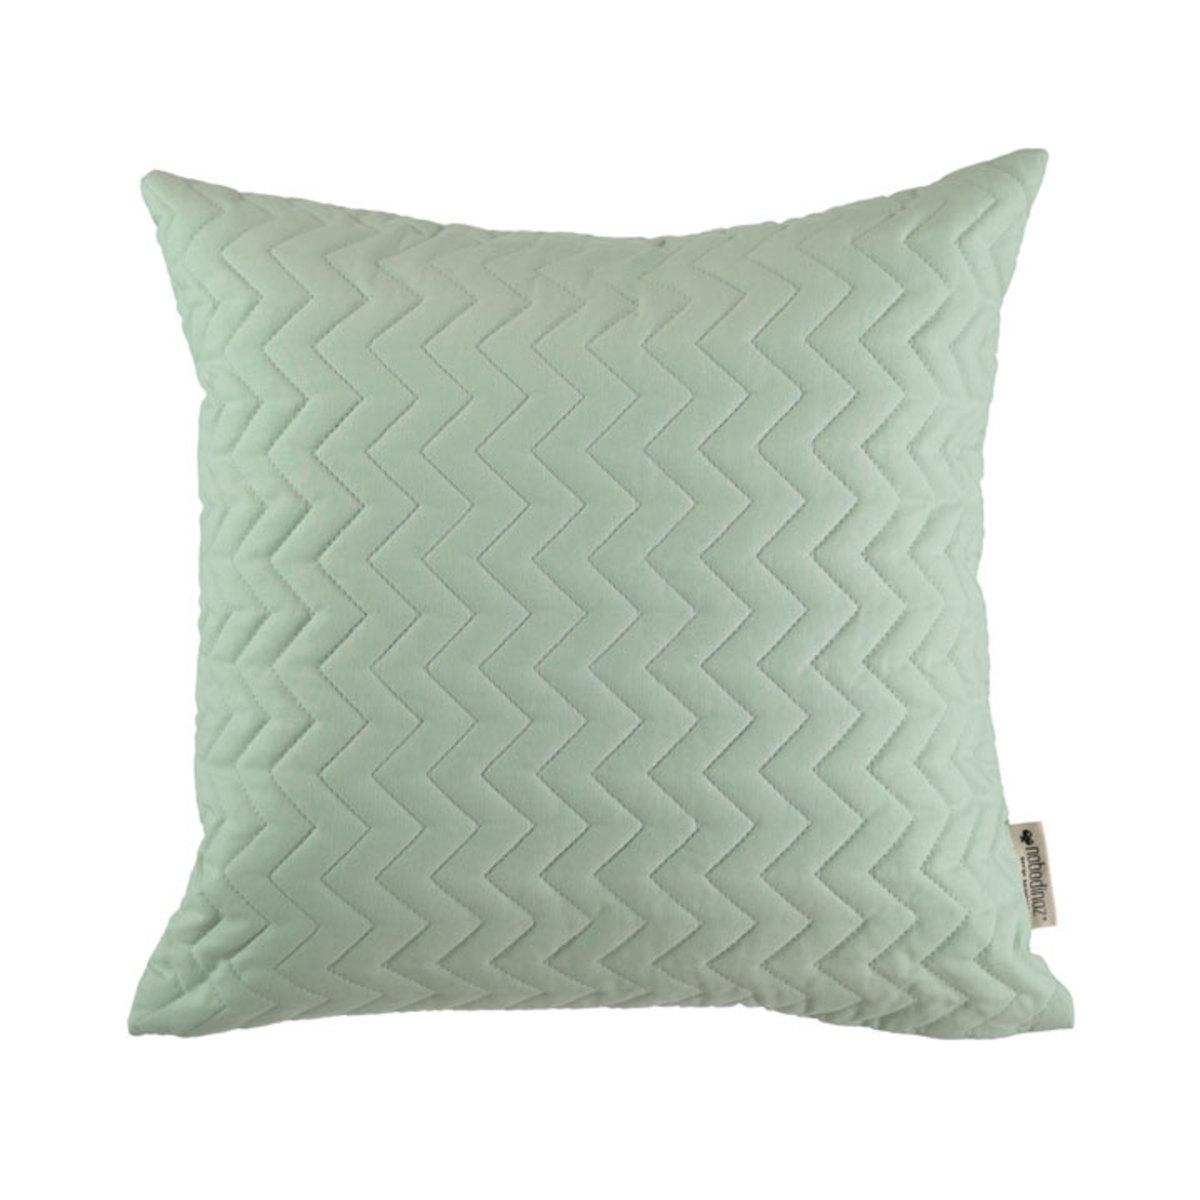 nobodinoz coussin cadaques vert menthe coussin nobodinoz sur l 39 armoire de b b. Black Bedroom Furniture Sets. Home Design Ideas